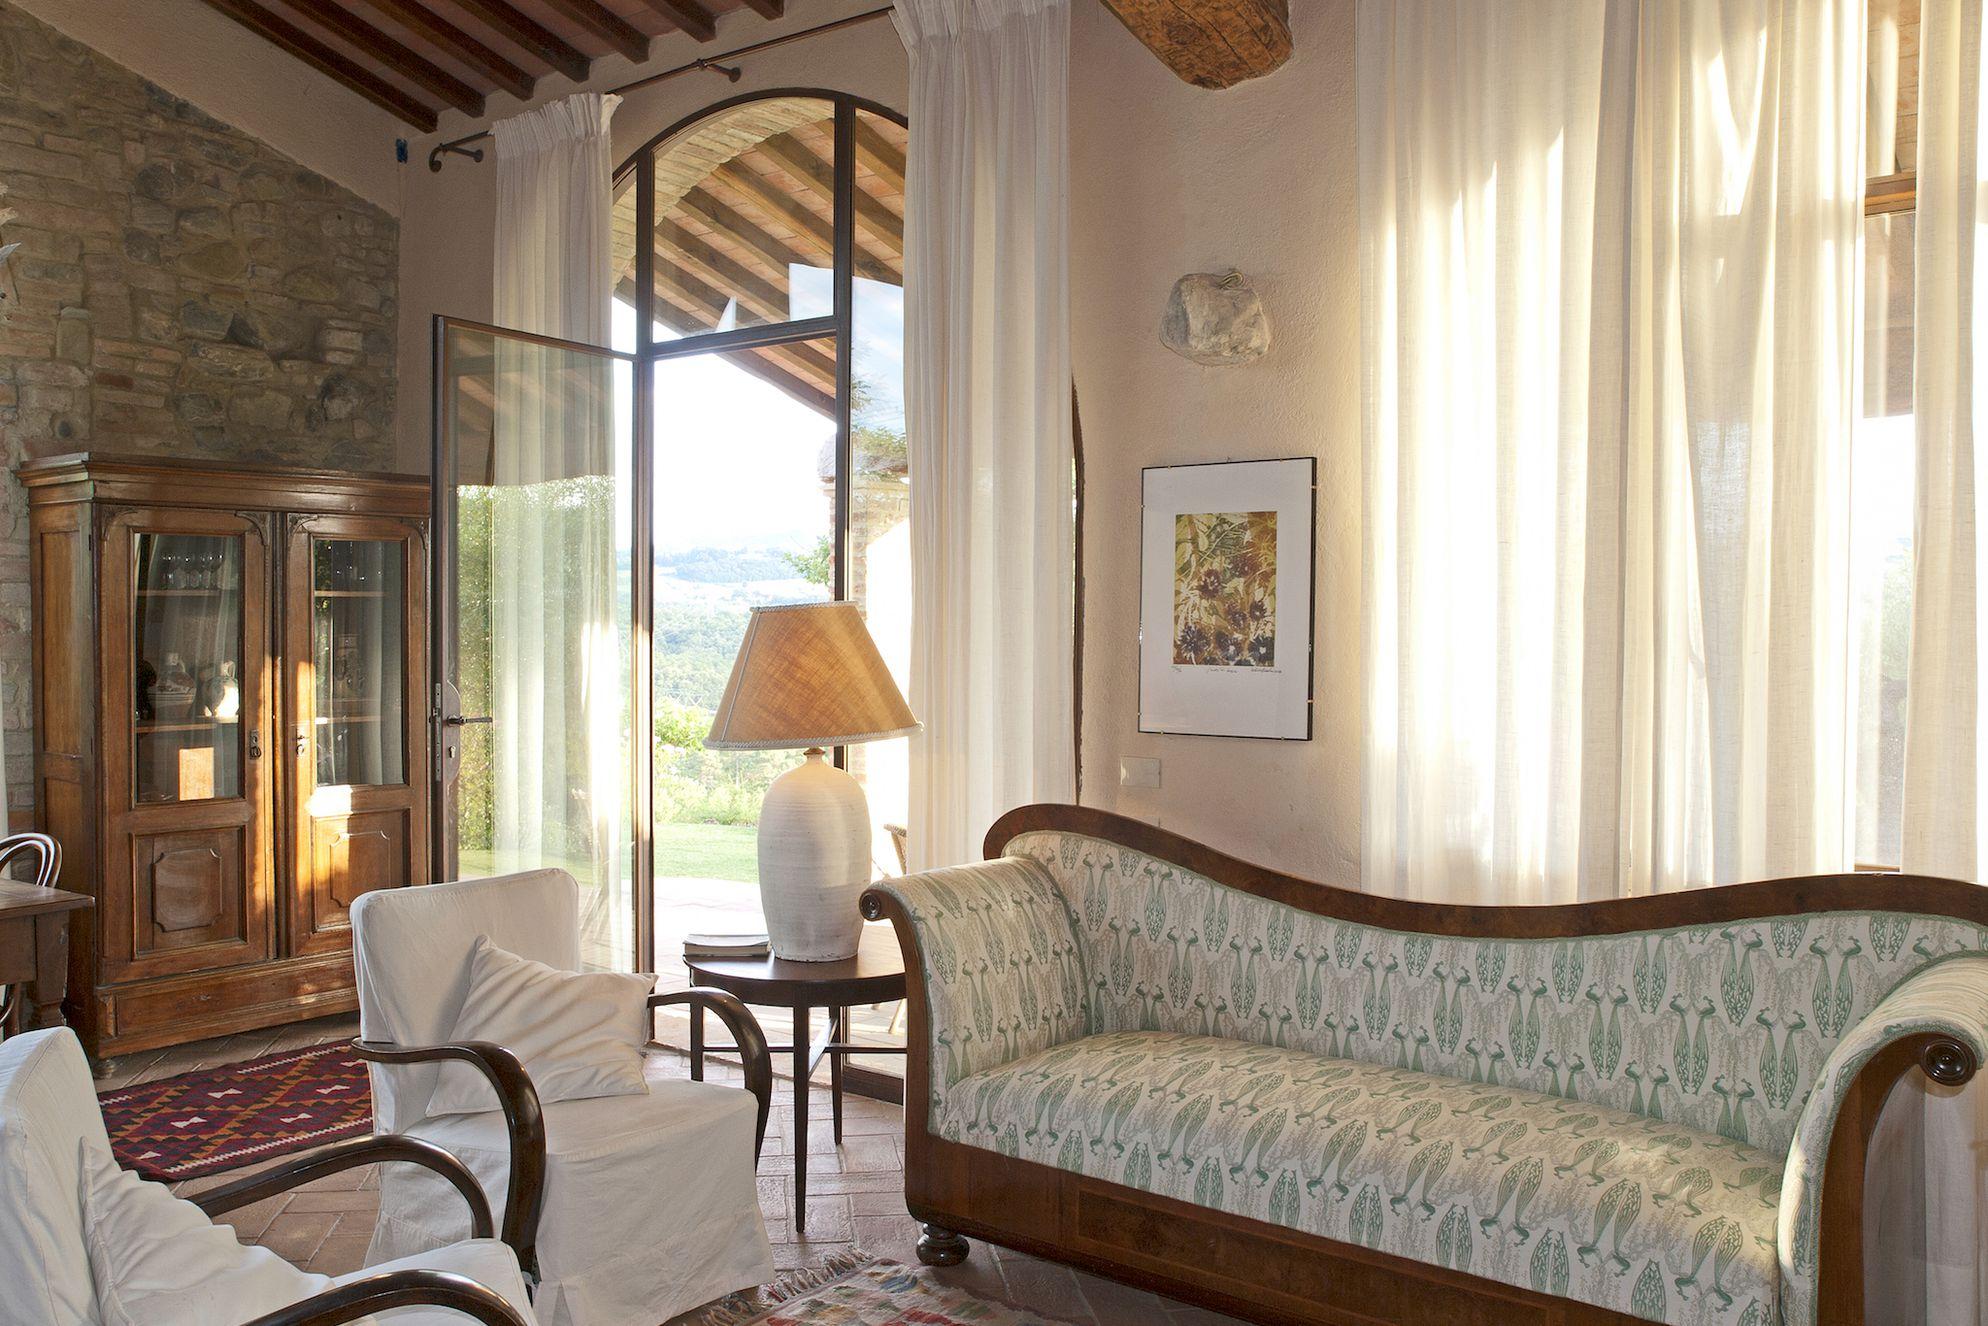 Country House Nazzano -  Rondine, Lucciola, Libellula, Coccinella - Gallery